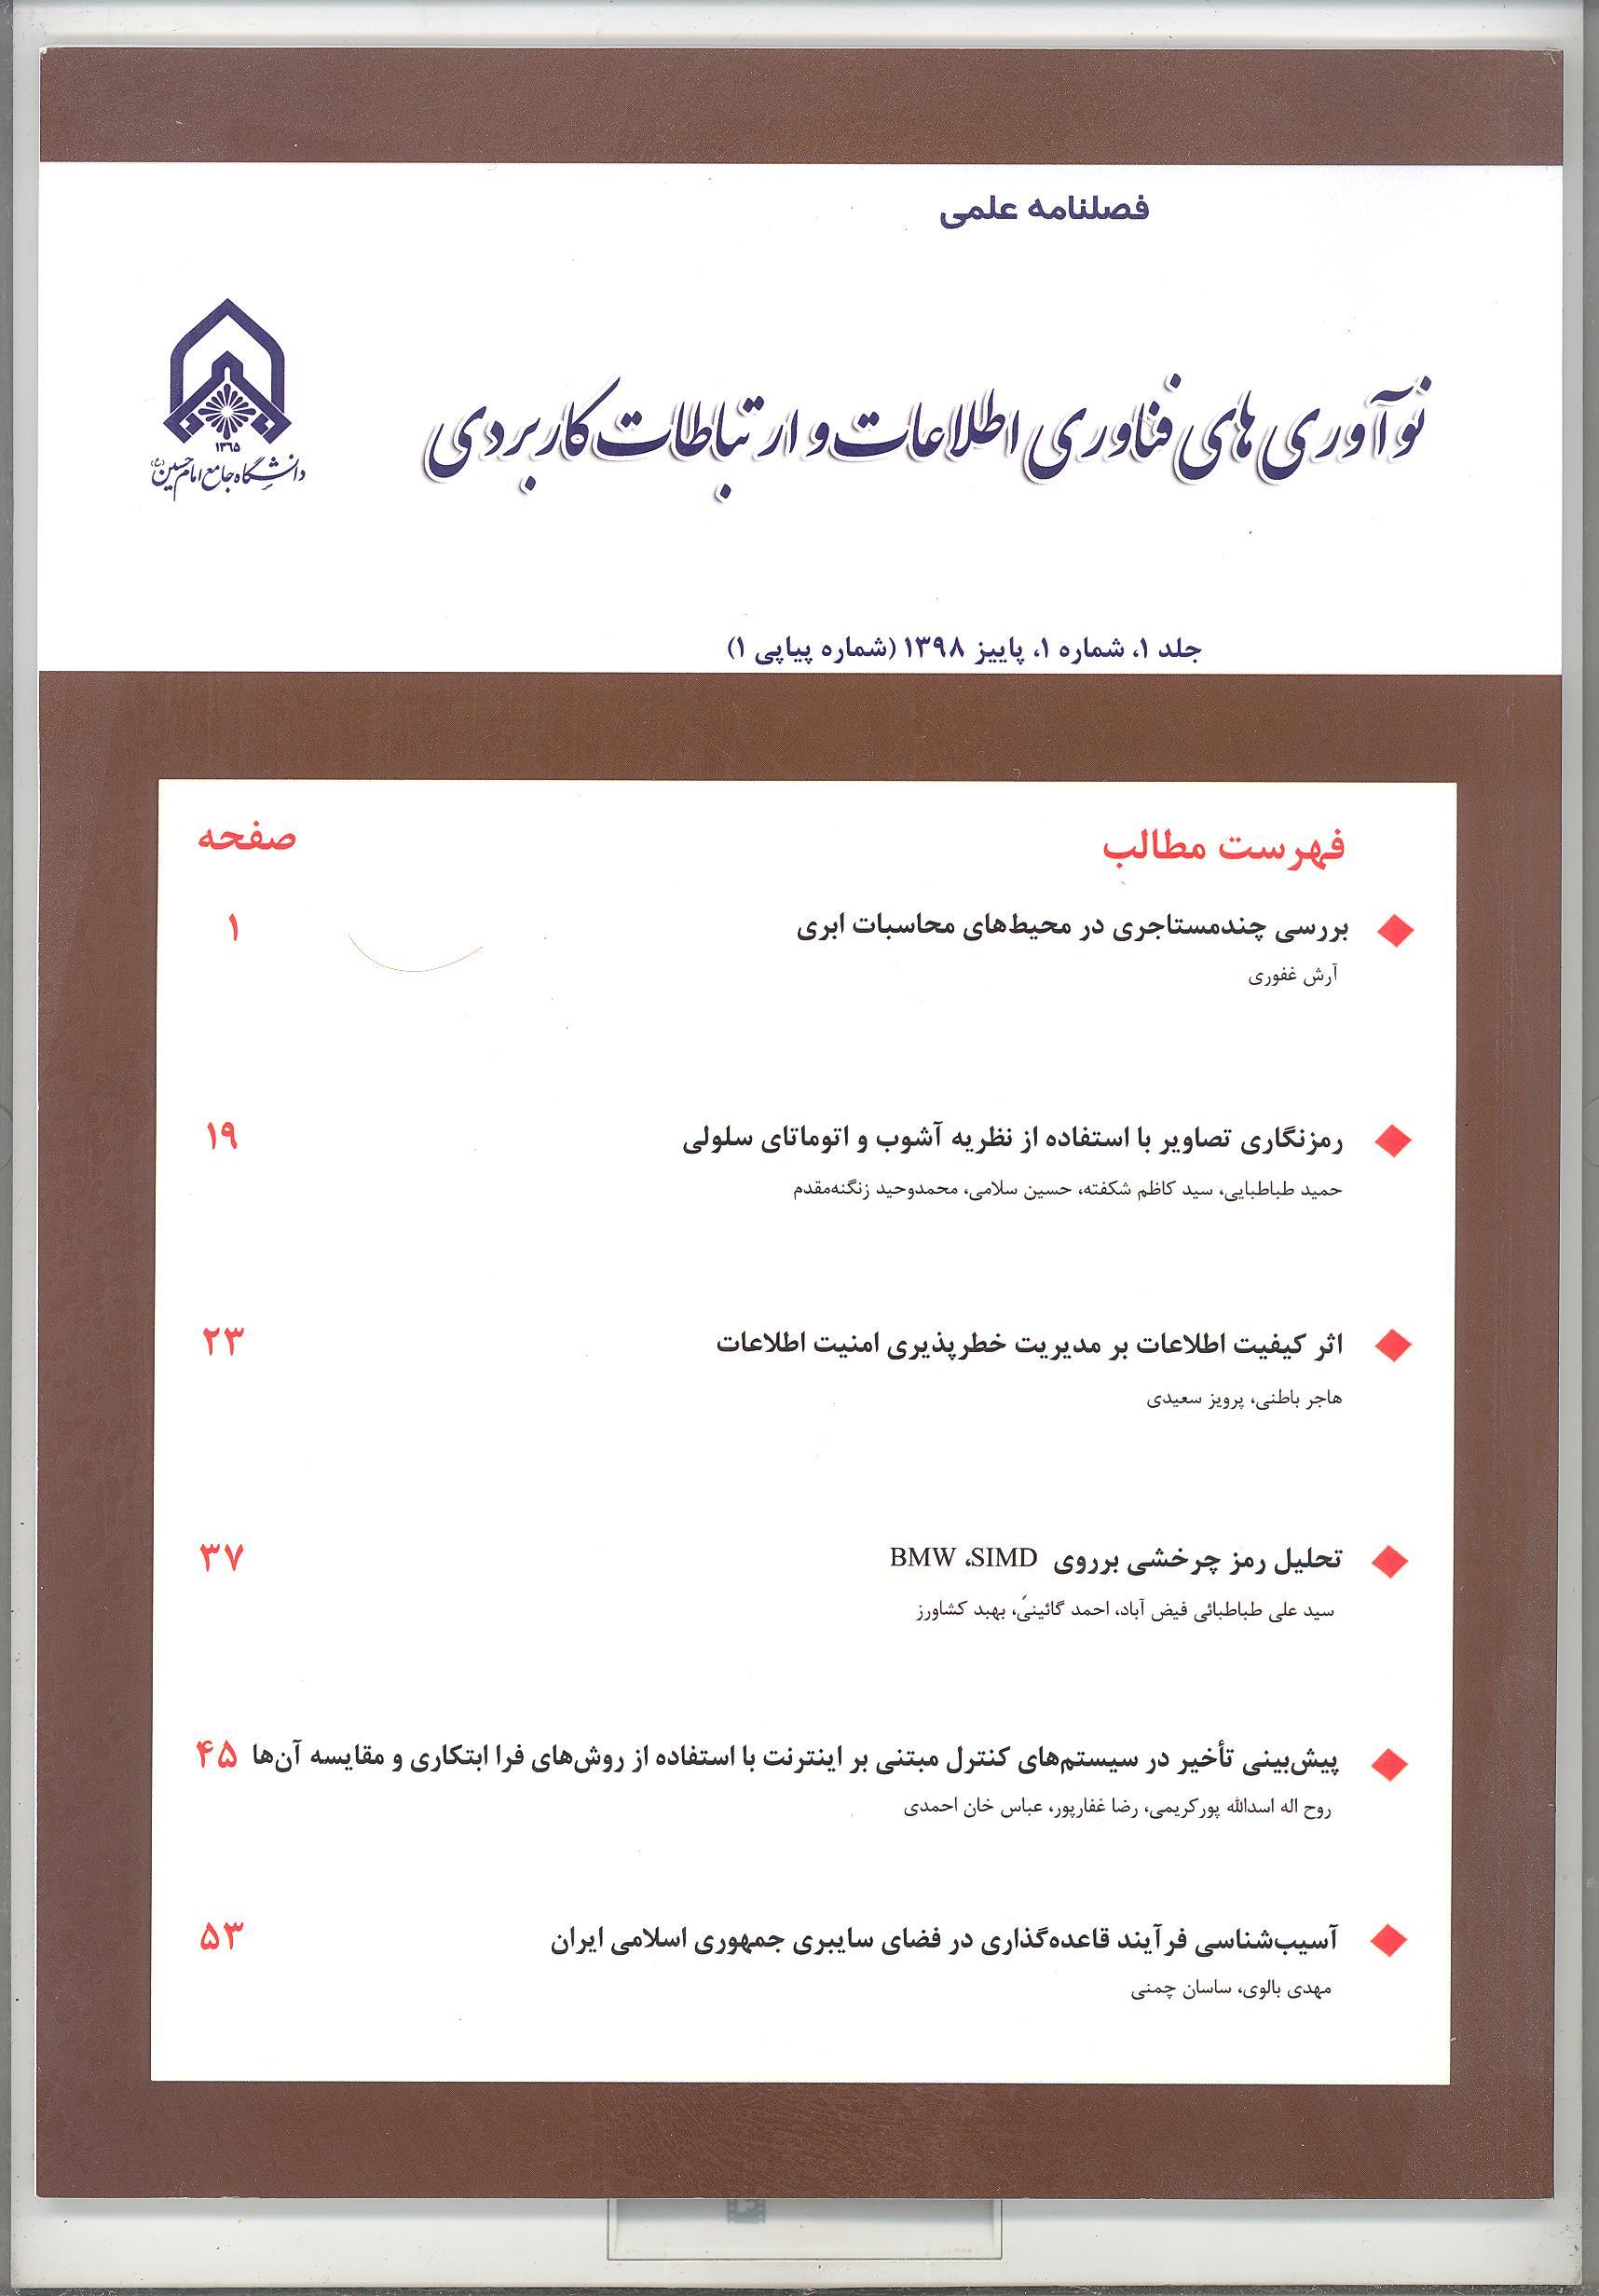 مجله نوآوری های فناوری اطلاعات و ارتباطات کاربردی